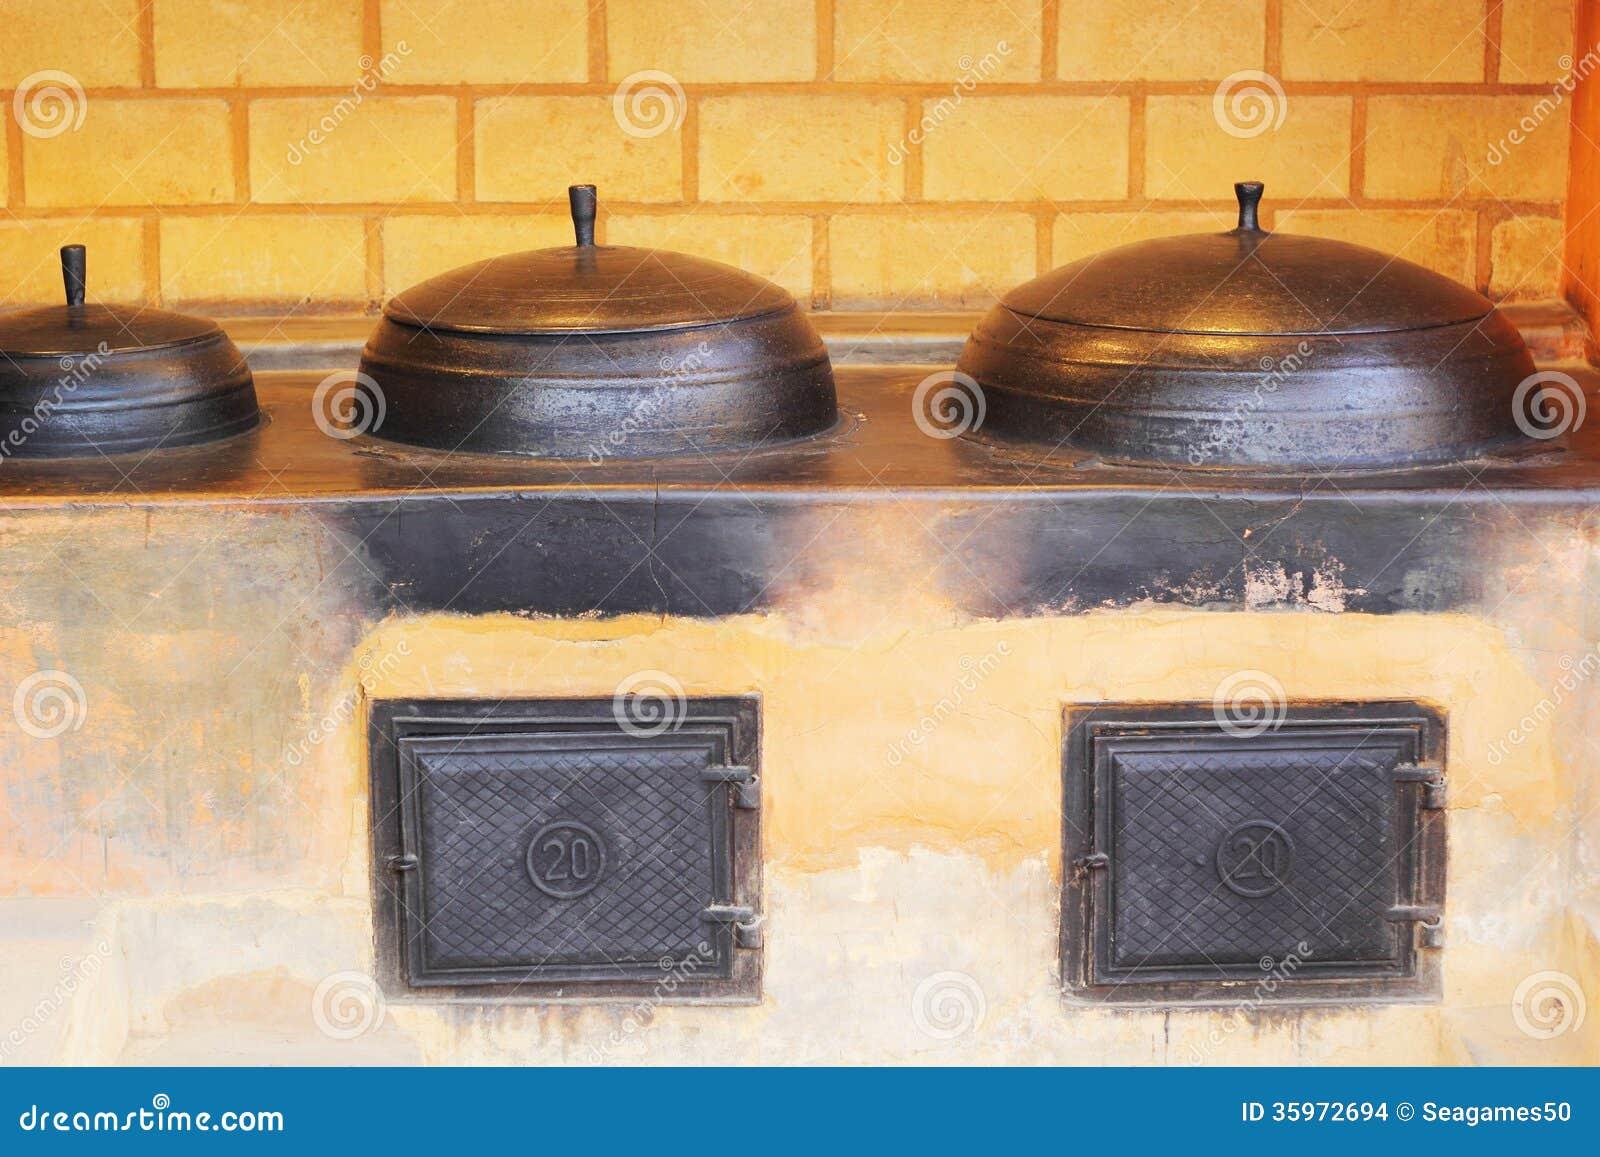 Cerámica de cerámica coreana tradicional para cocinar.